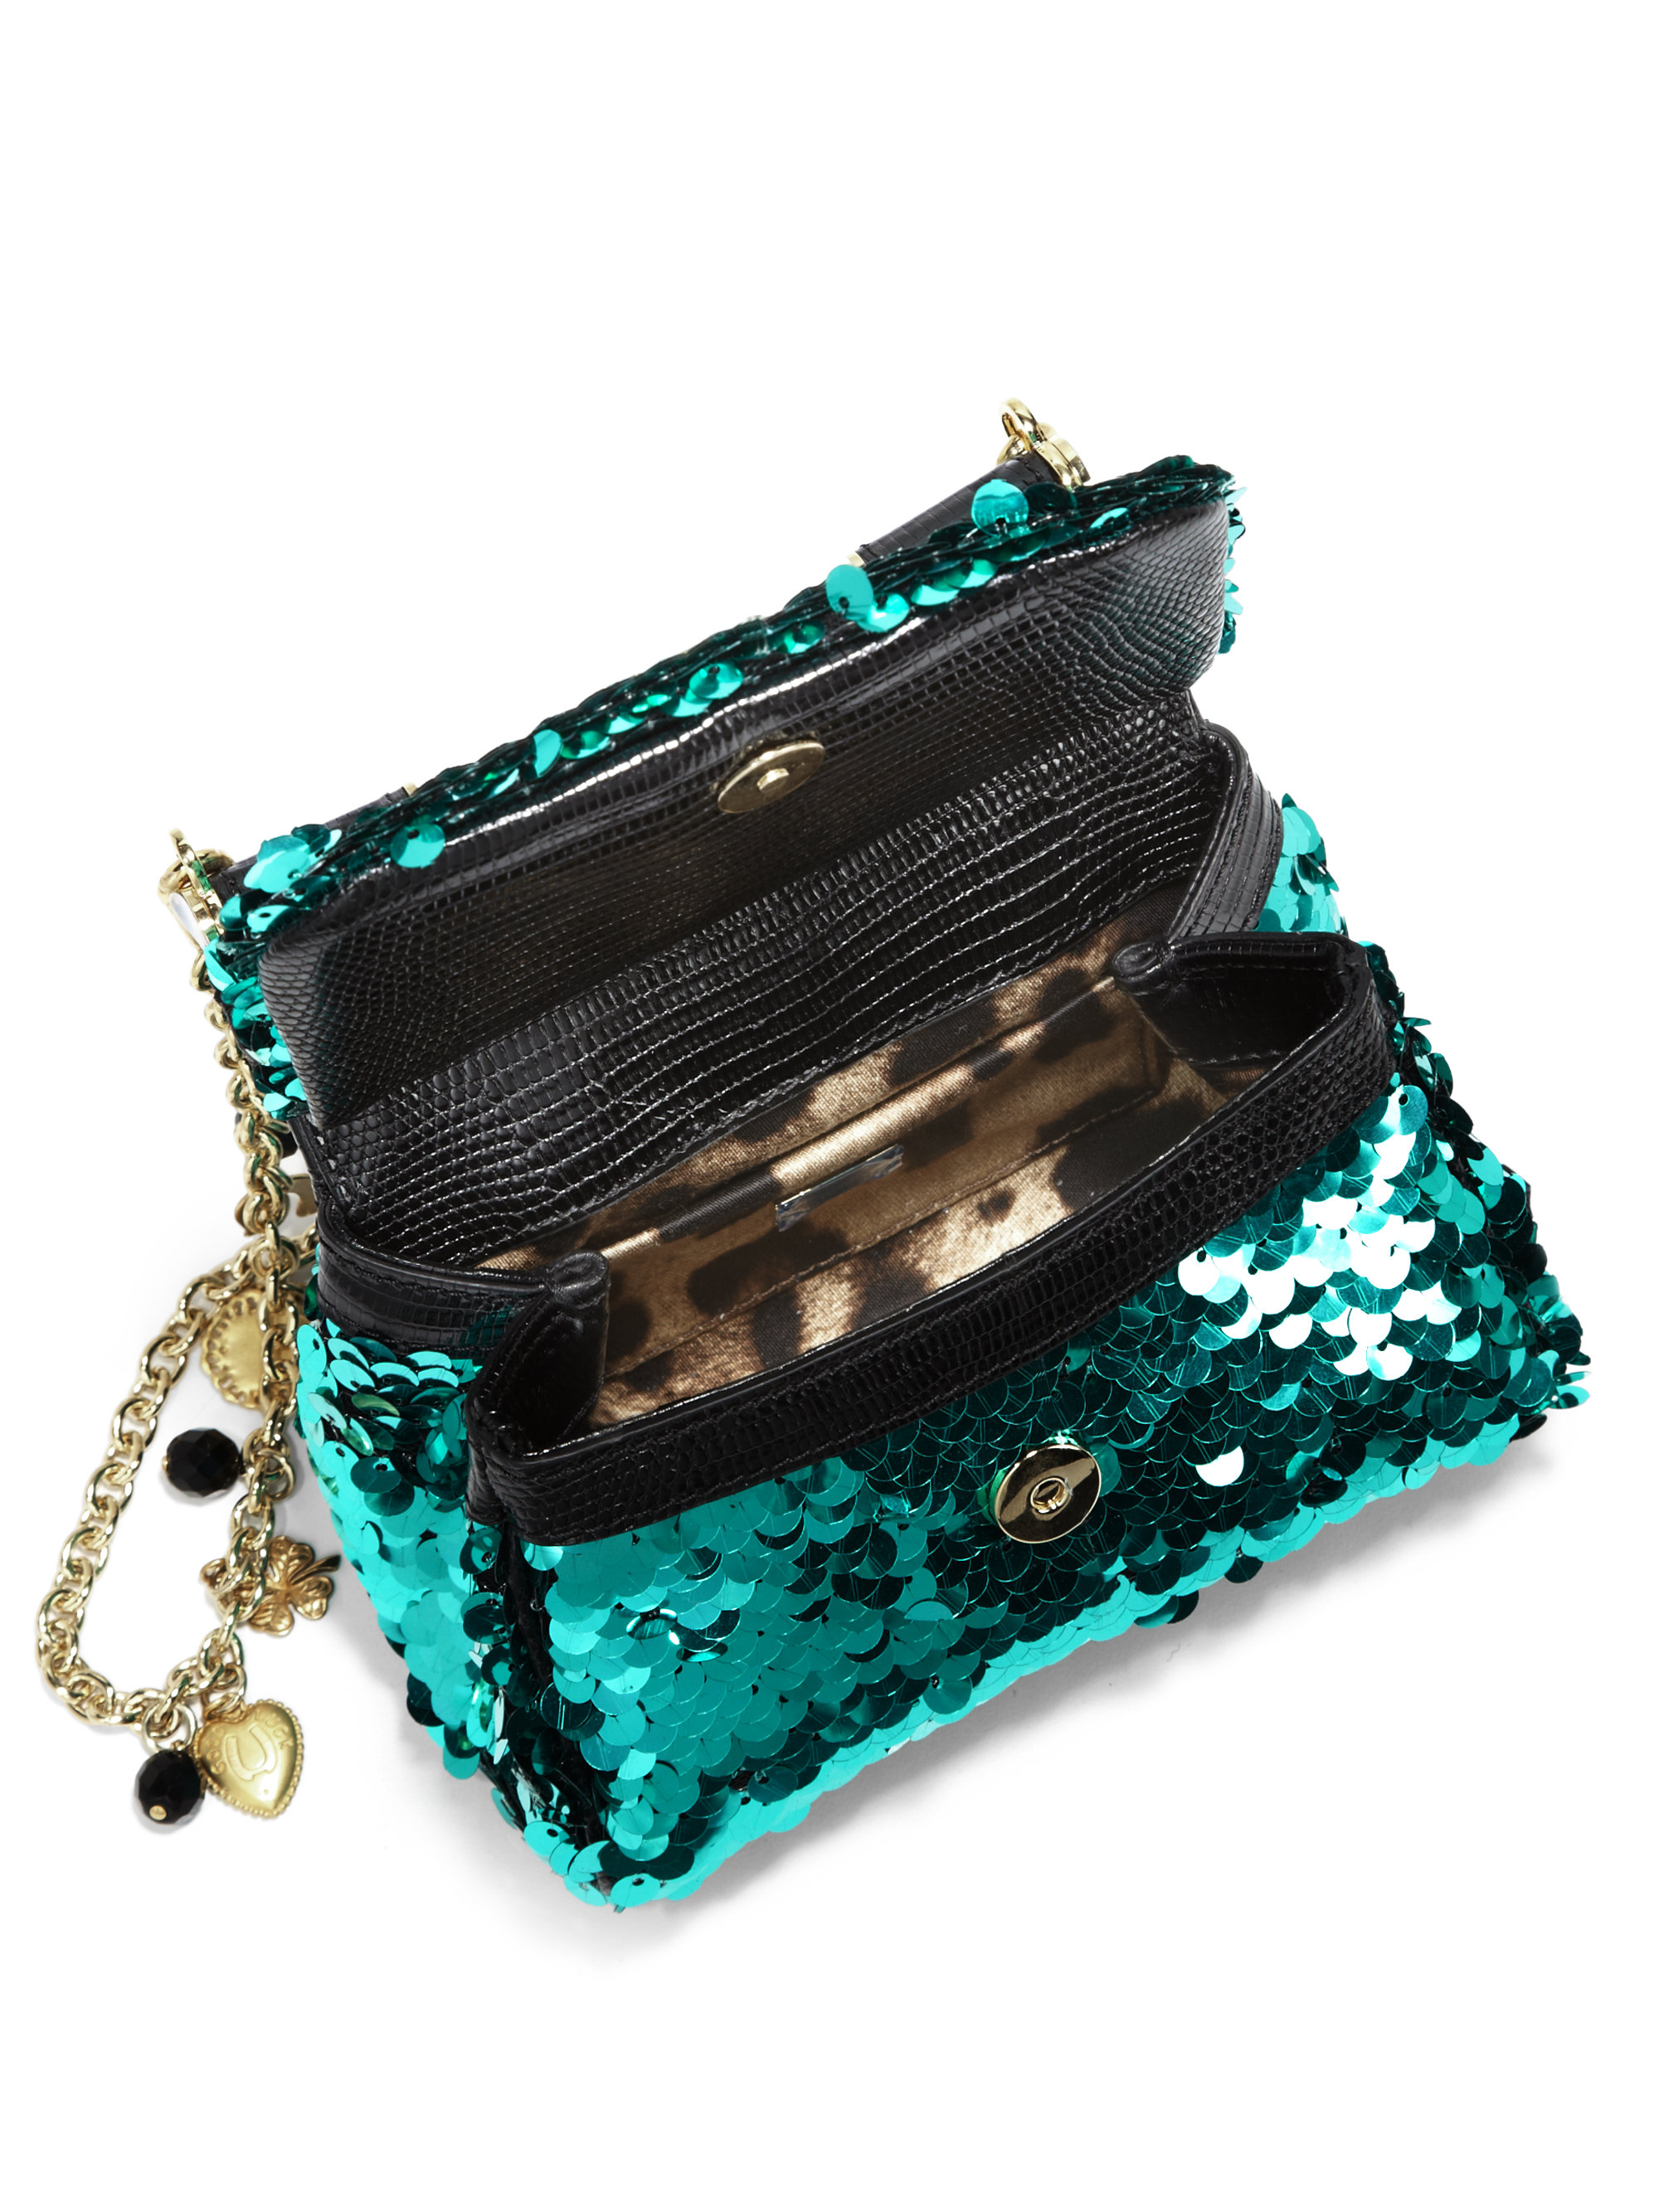 6437d5159484 Lyst - Dolce   Gabbana Mini Miss Sicily Sequin Clutch in Blue